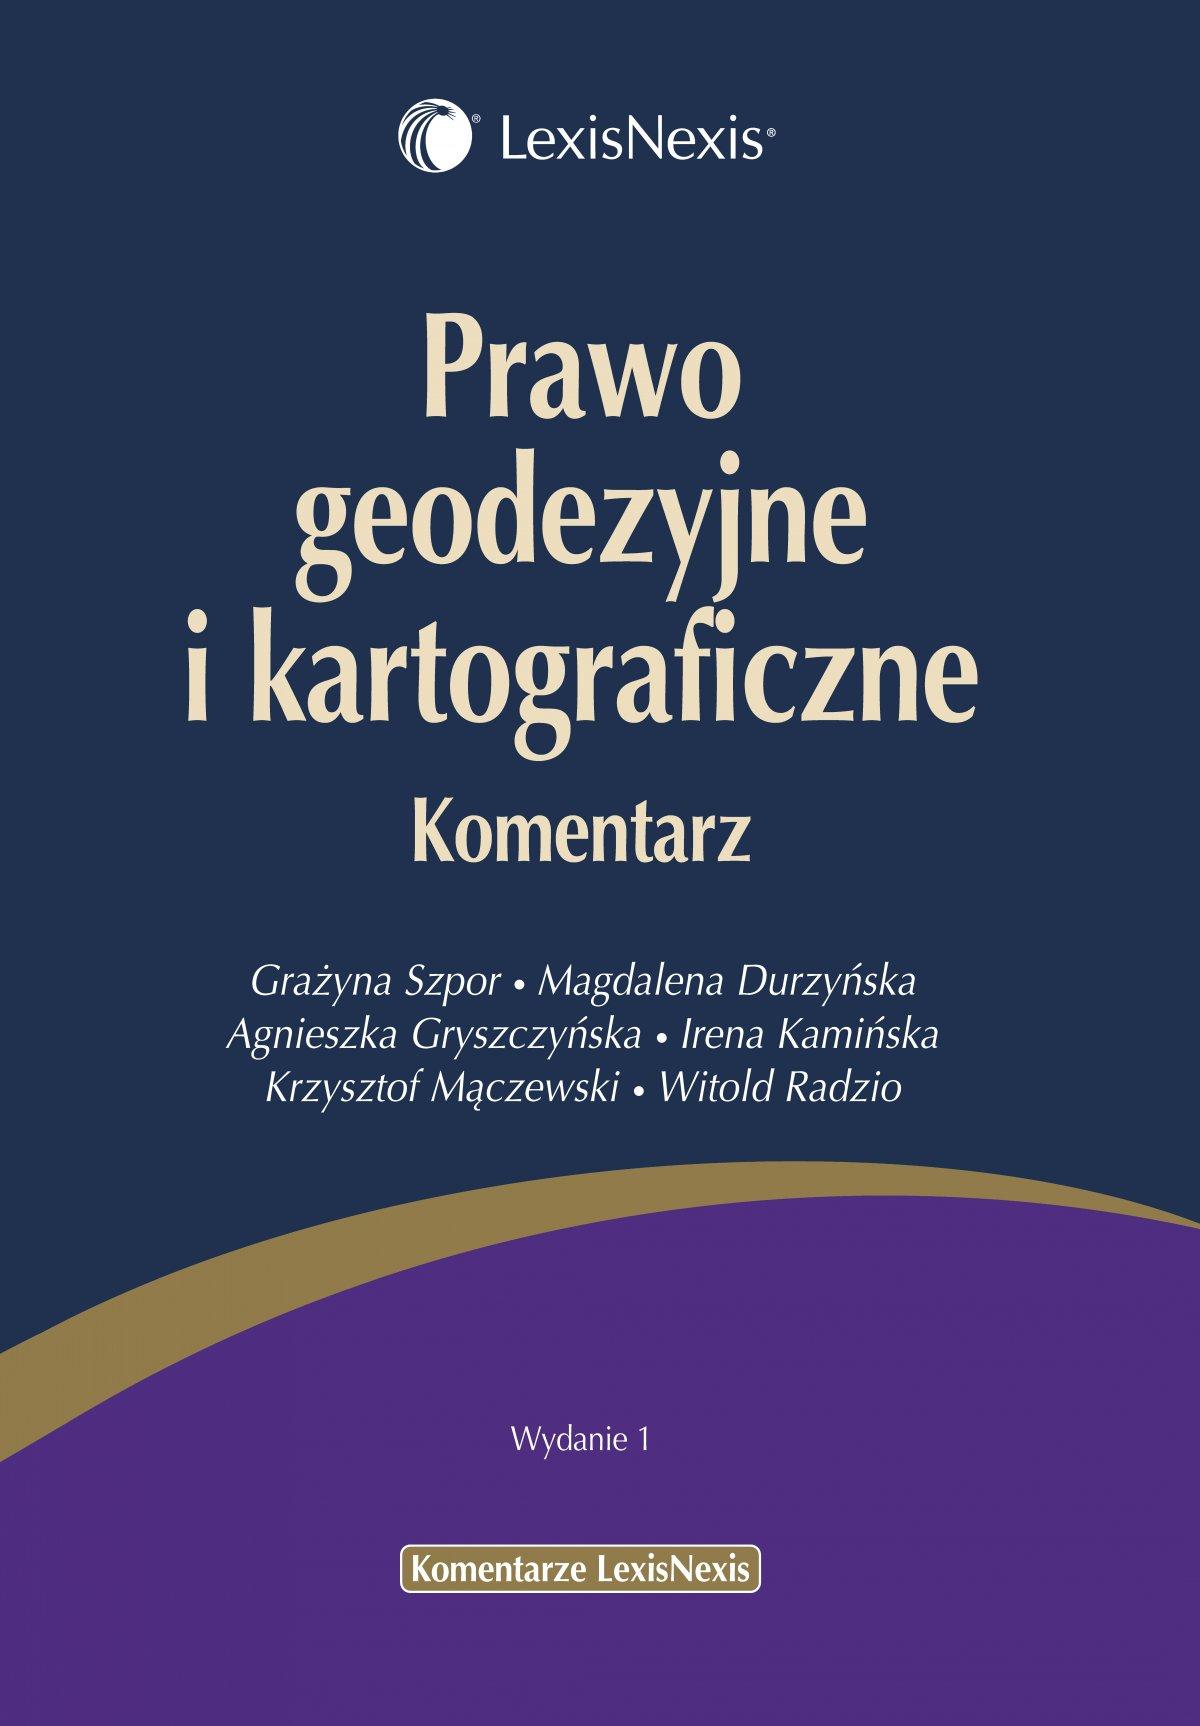 Prawo geodezyjne i kartograficzne. Komentarz - Ebook (Książka EPUB) do pobrania w formacie EPUB